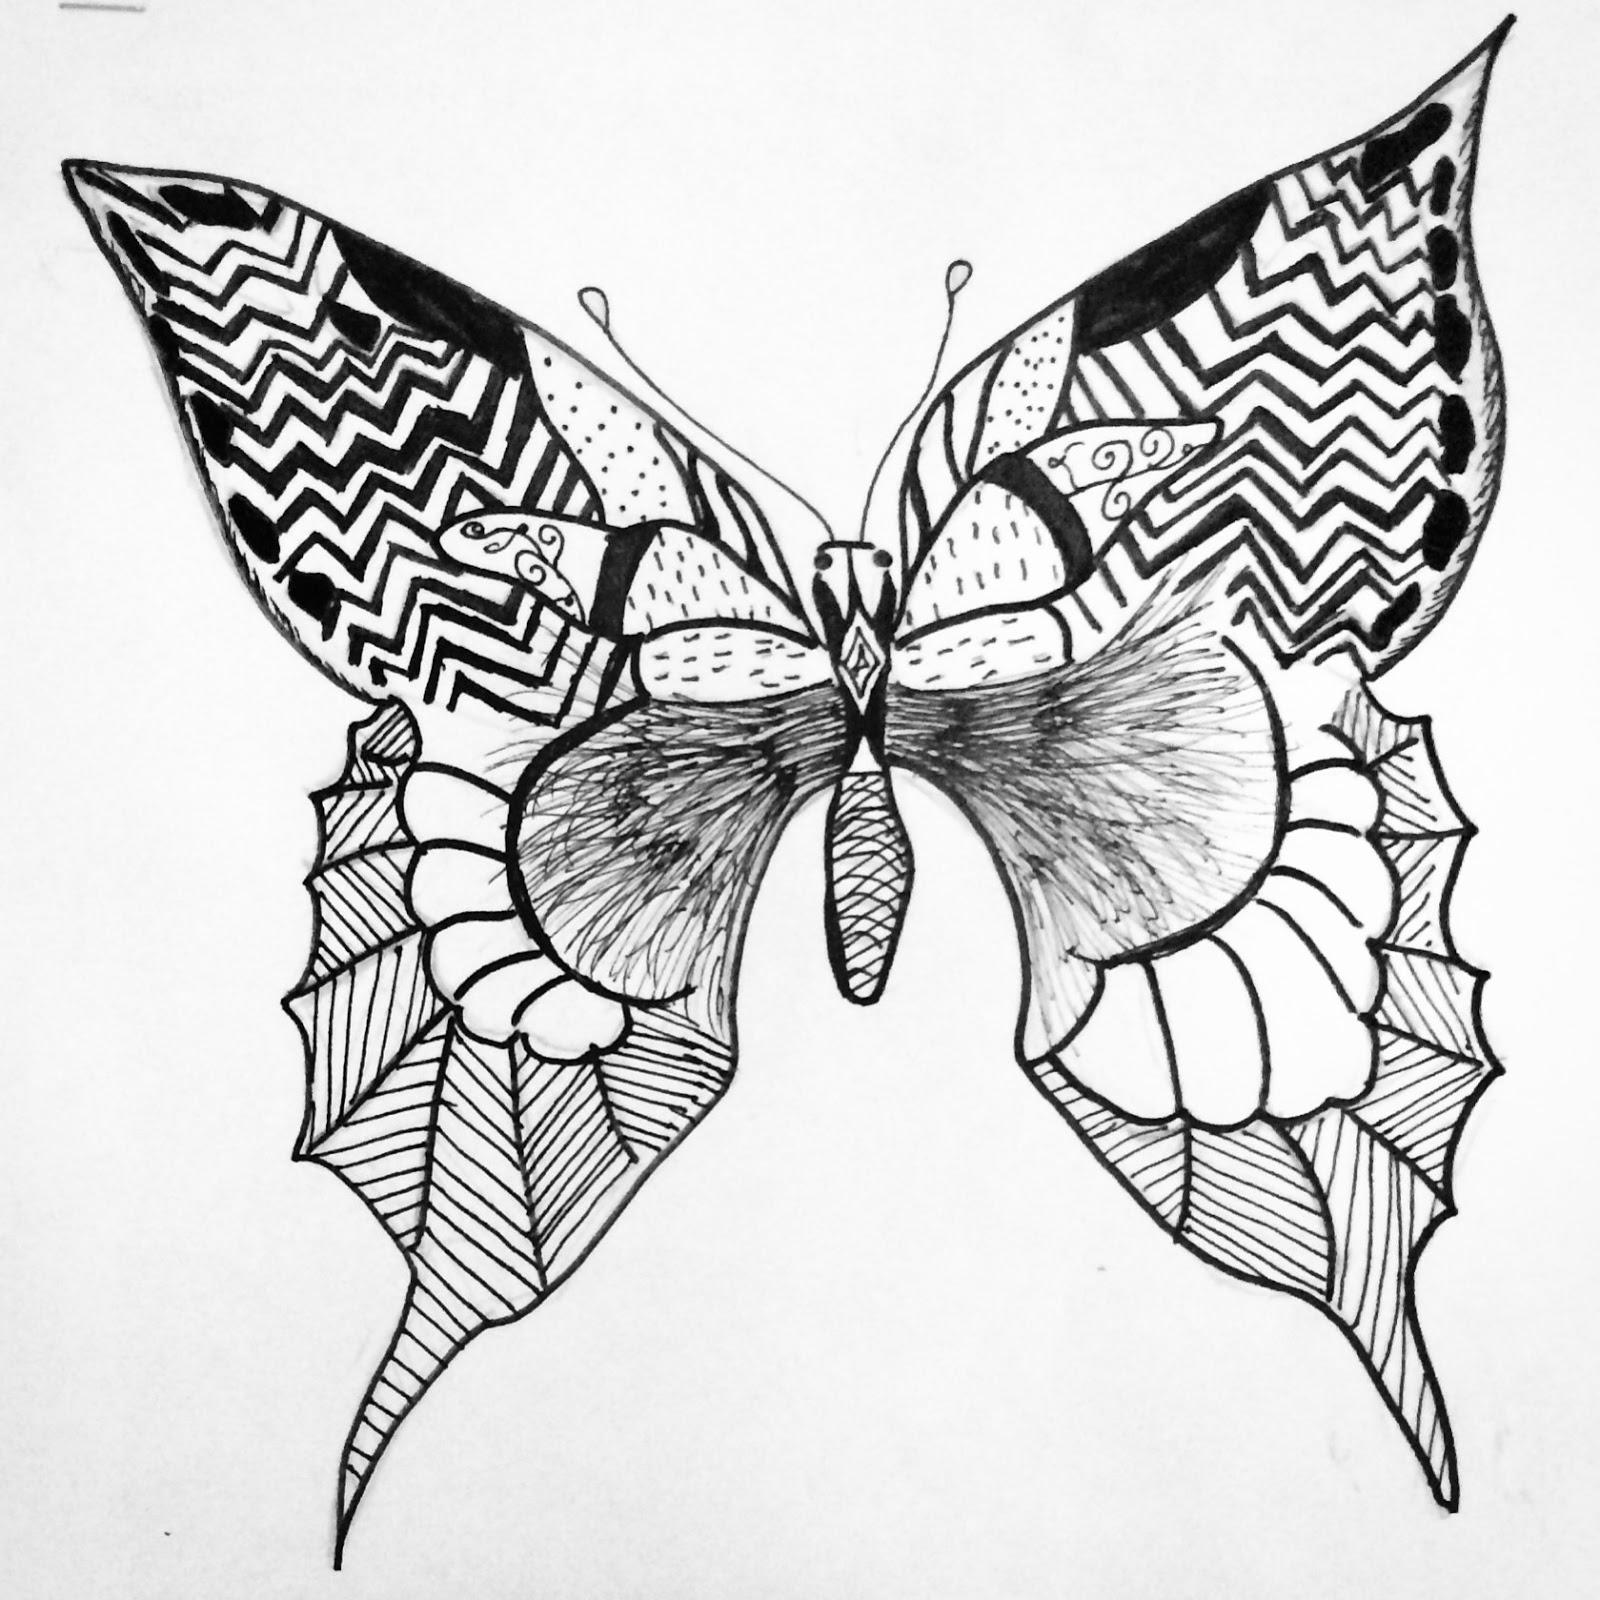 Art Paper Scissors Glue Line Design